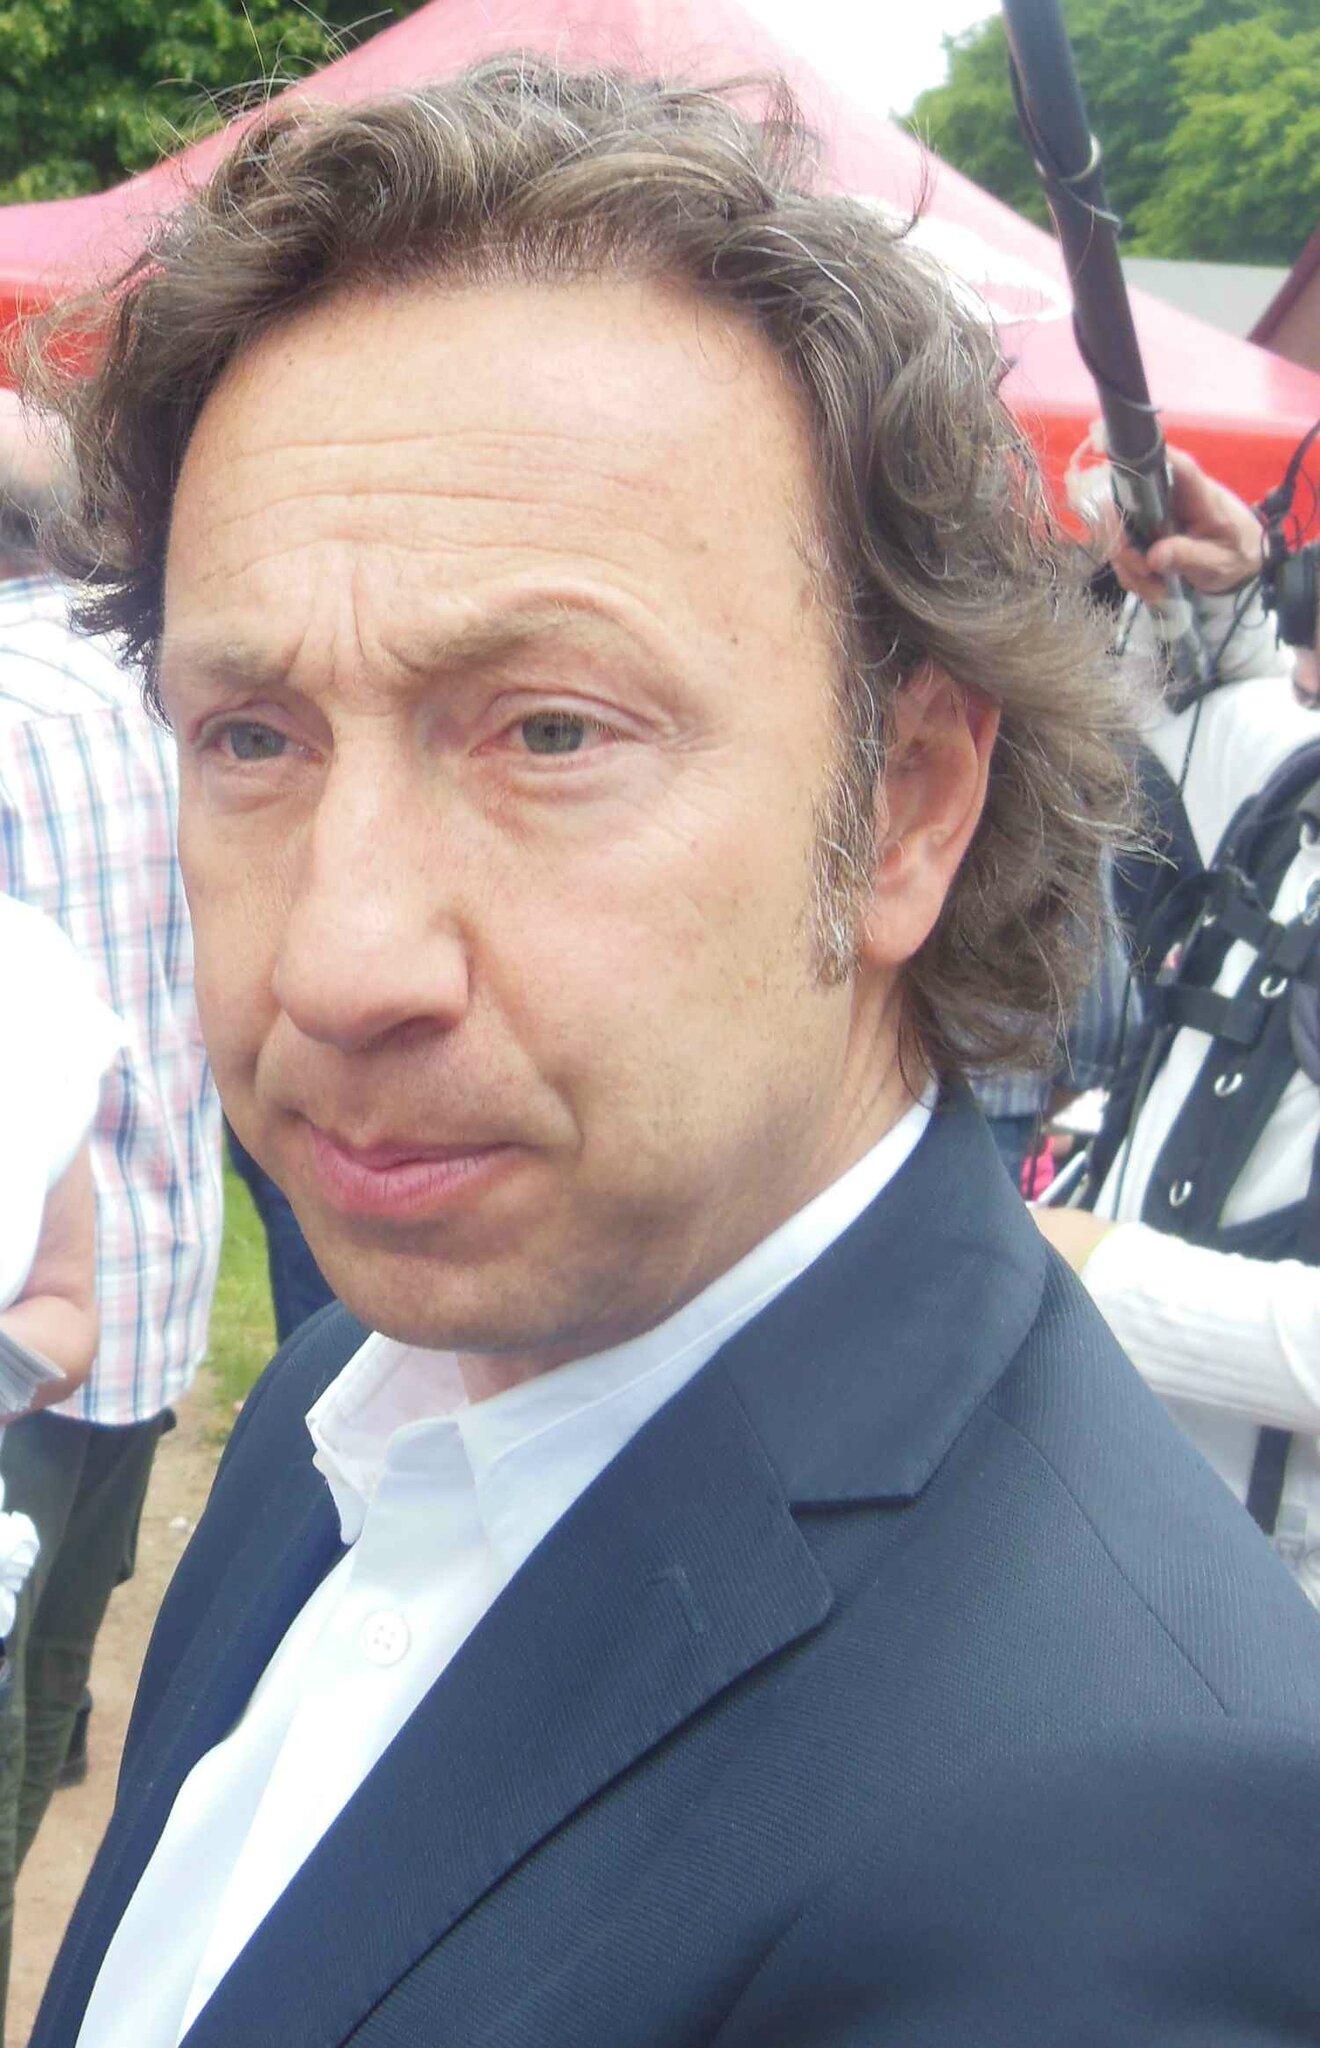 St phane bern parrain des jeux de thiron l 39 interview for Pourquoi ecossais portent kilt